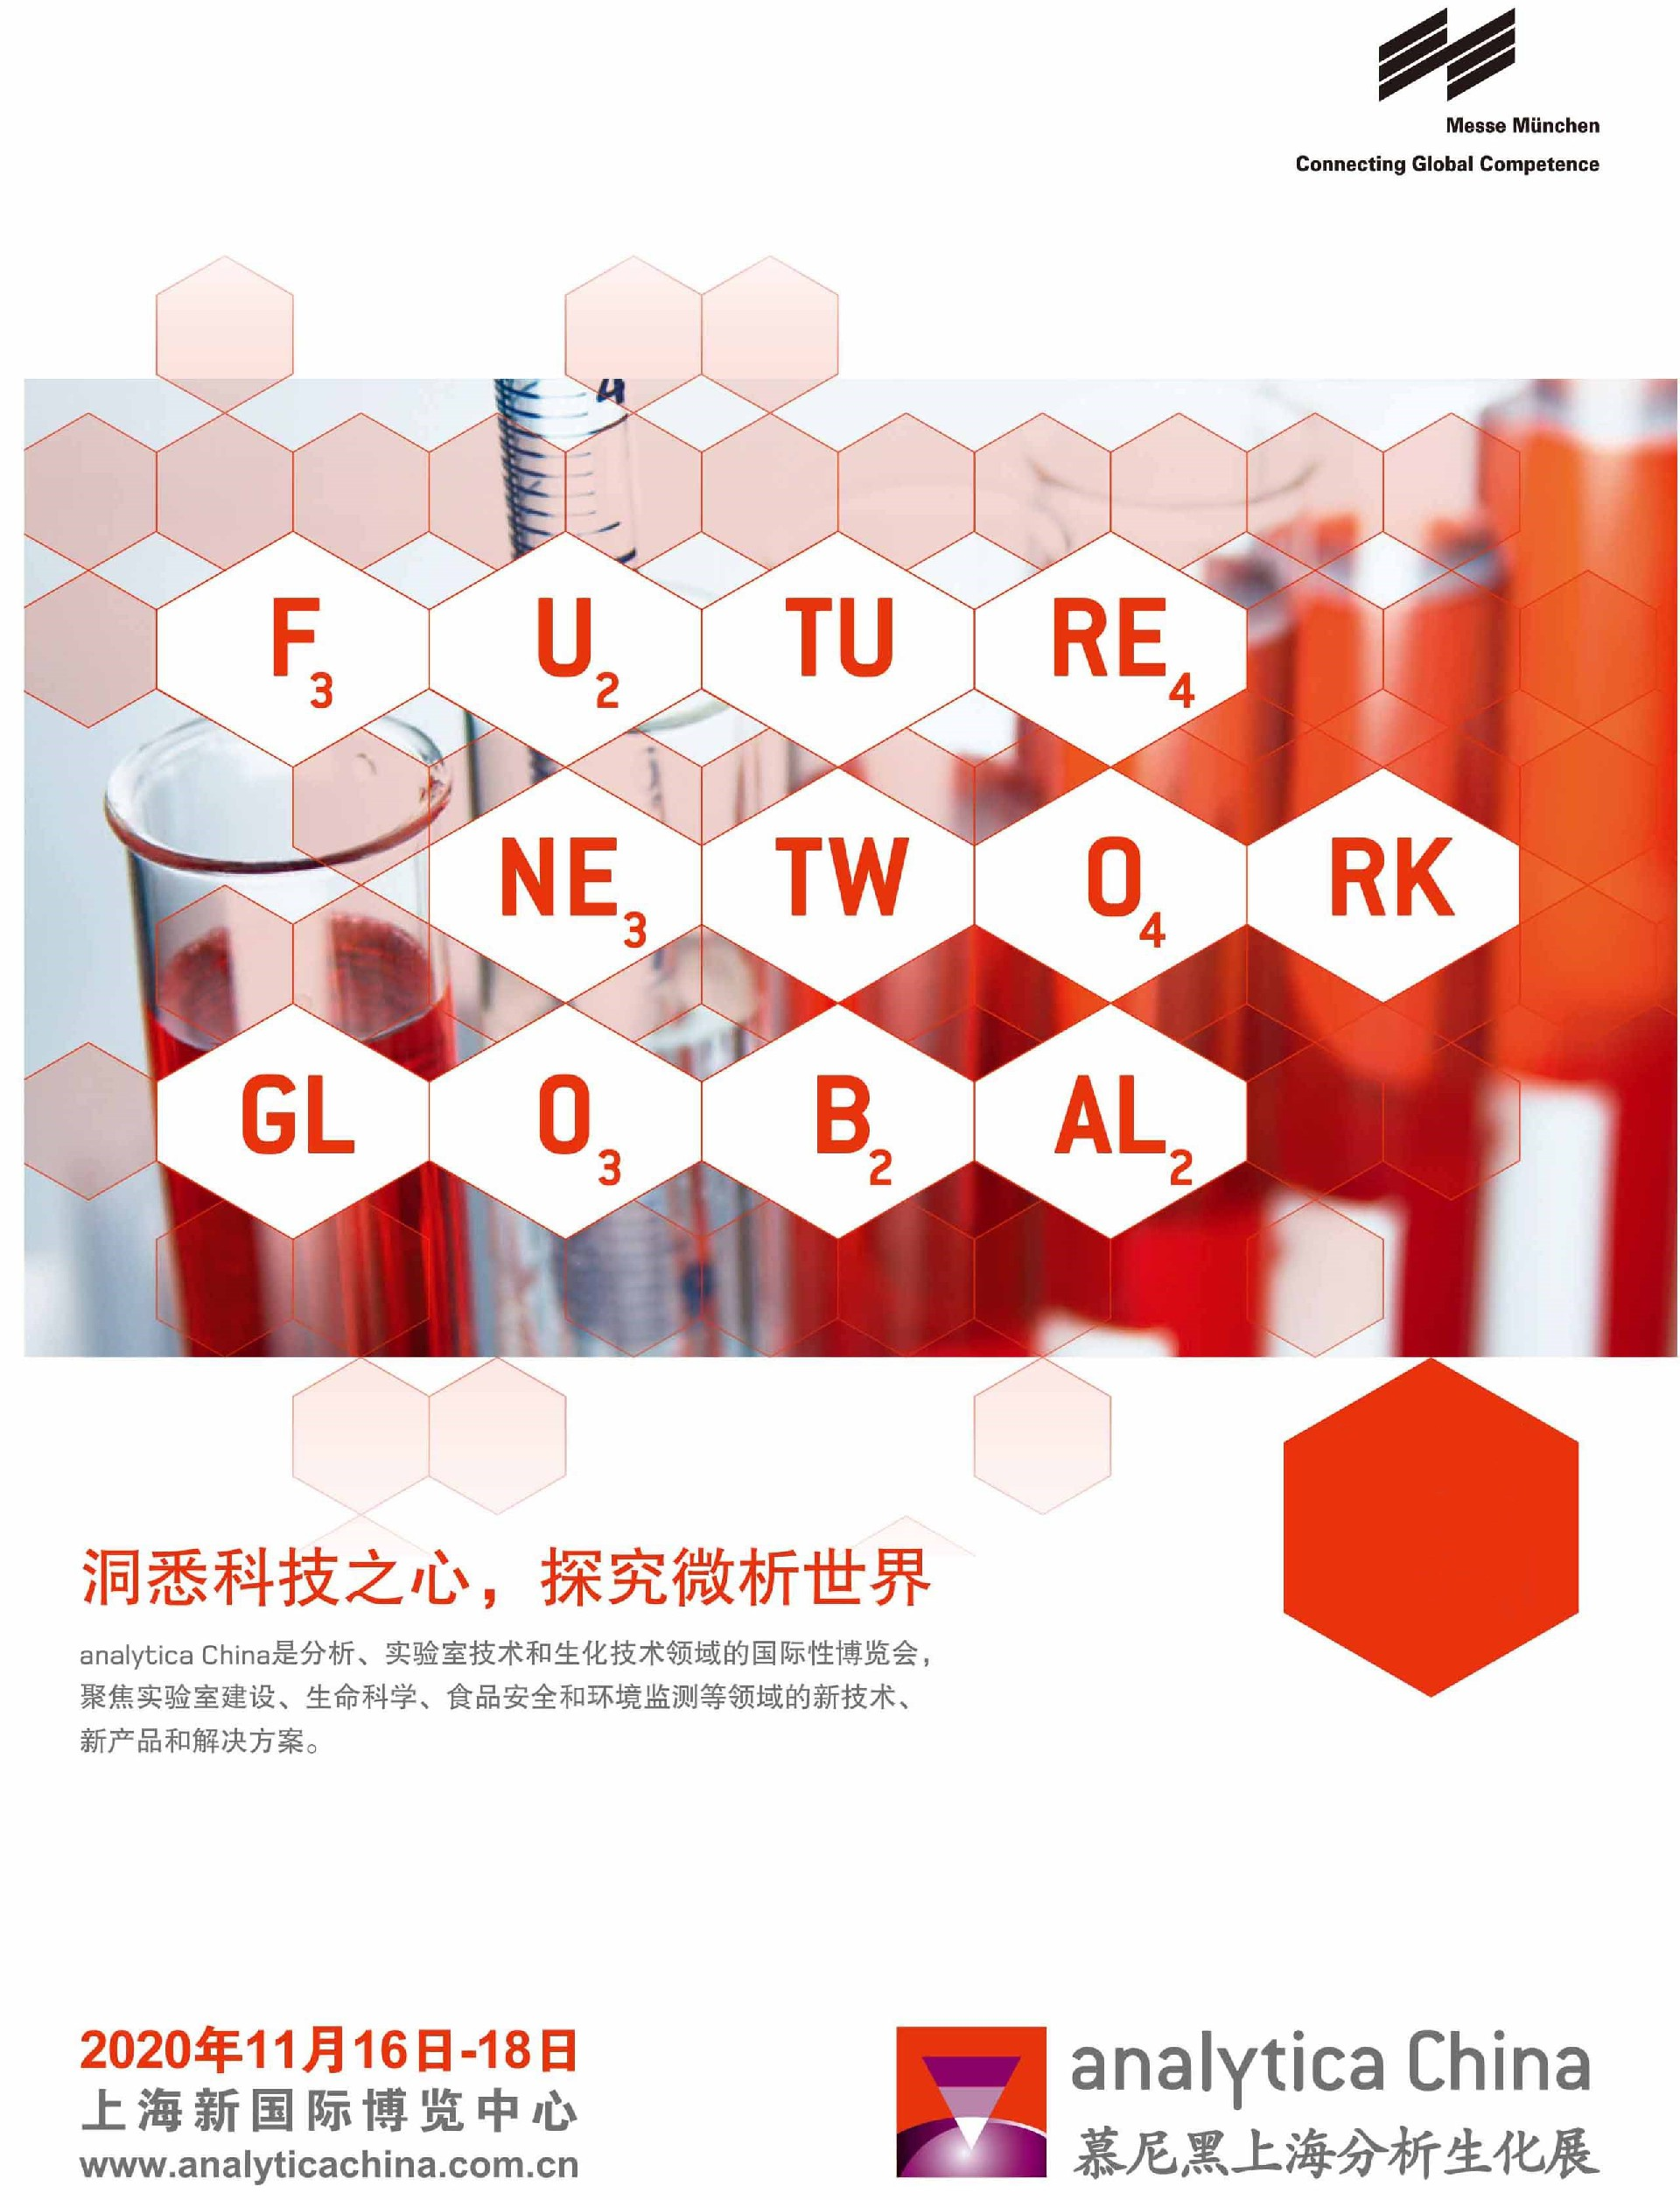 杭州佑宁将参加2020年慕尼黑上海分析生化展